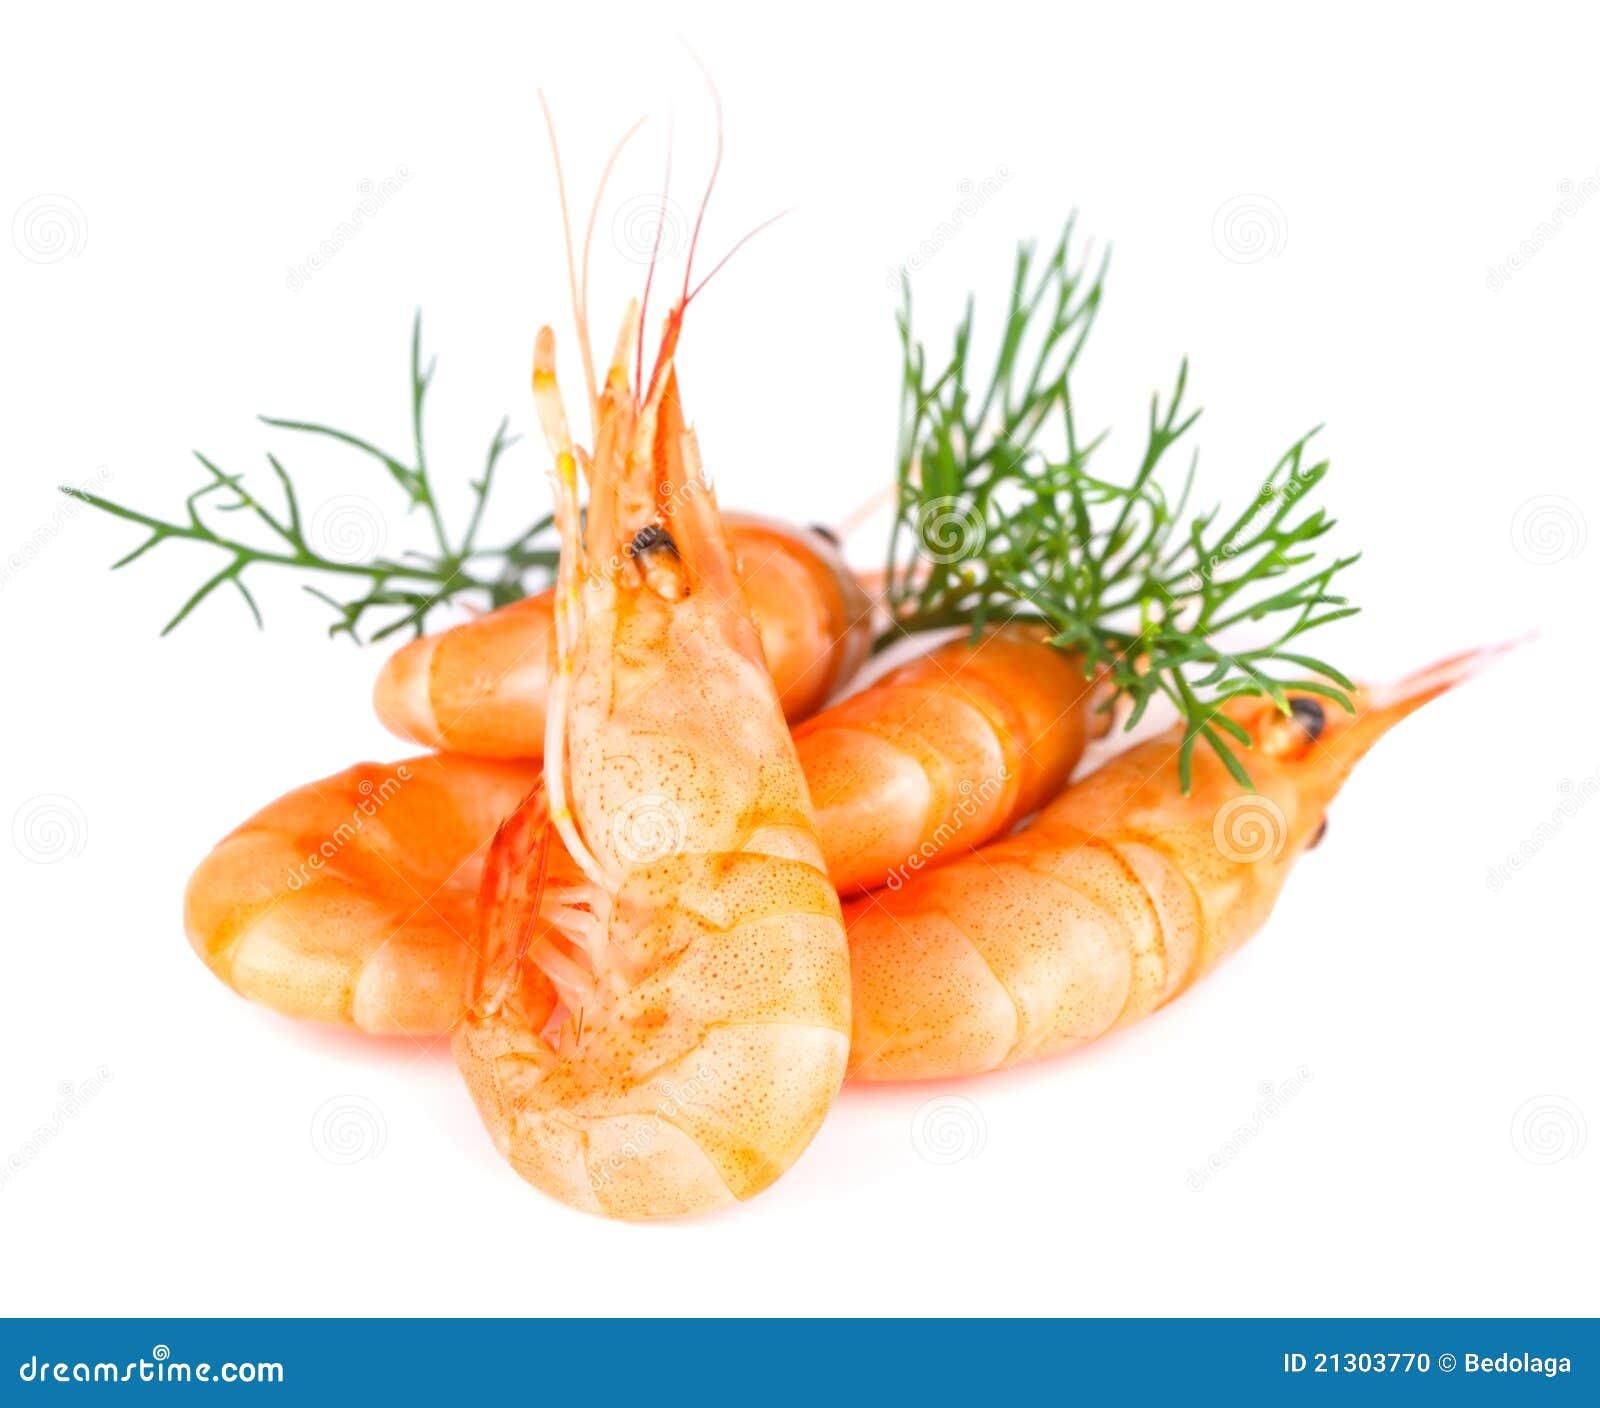 Shrimp Stock Photo - Image: 21303770